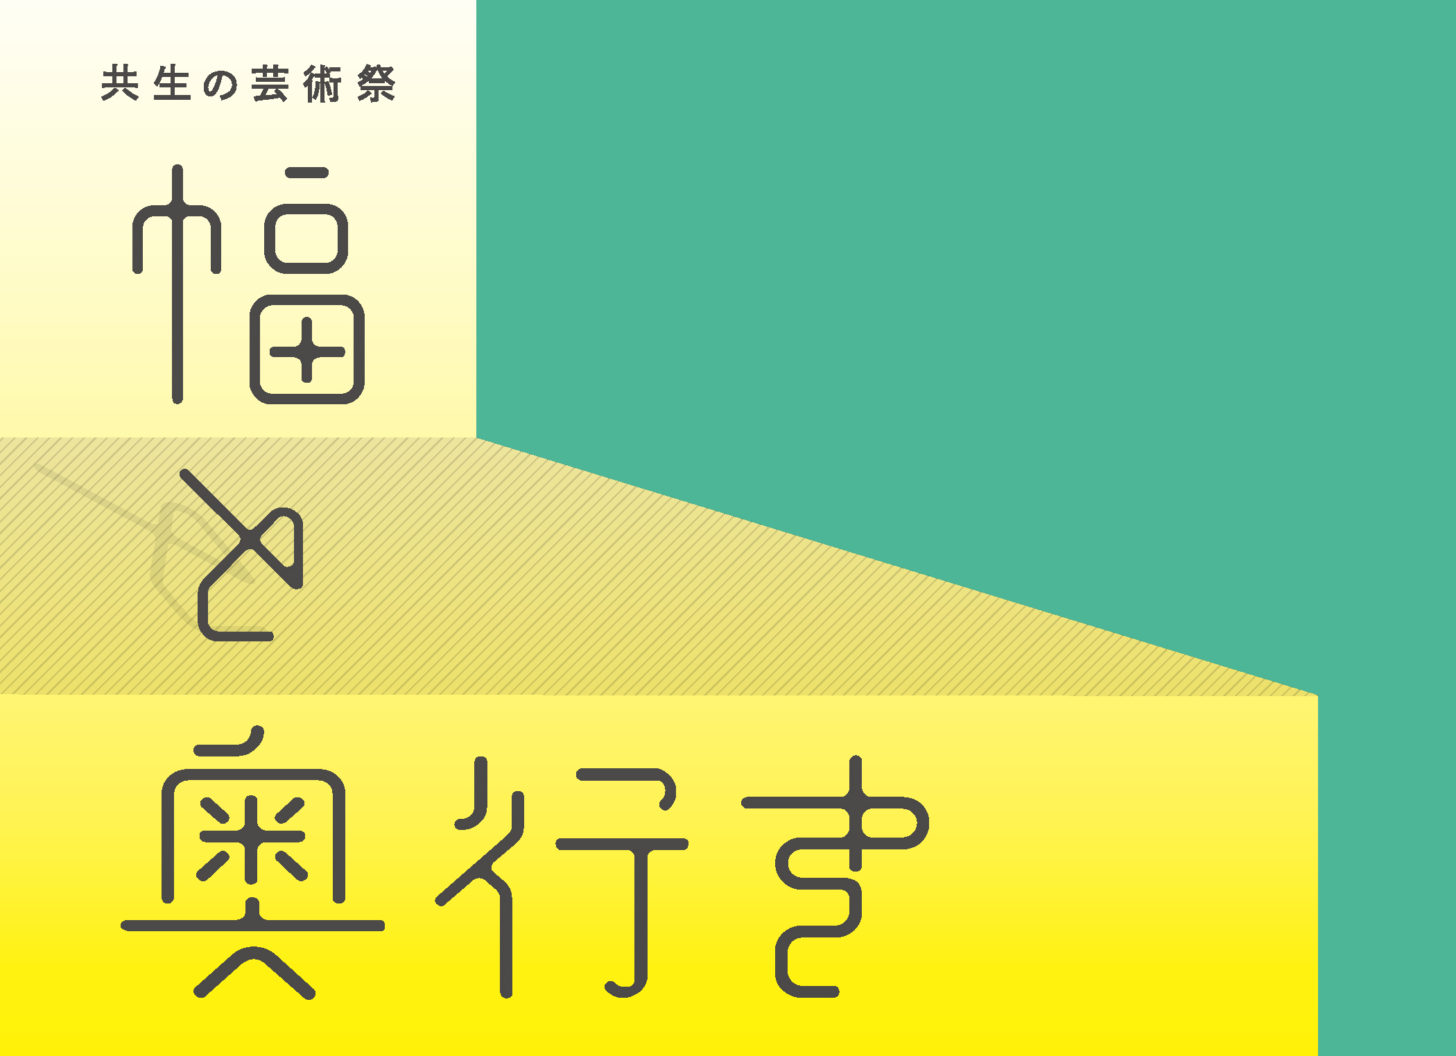 共生の芸術祭「幅と奥行き」 京都府立文化芸術会館会場